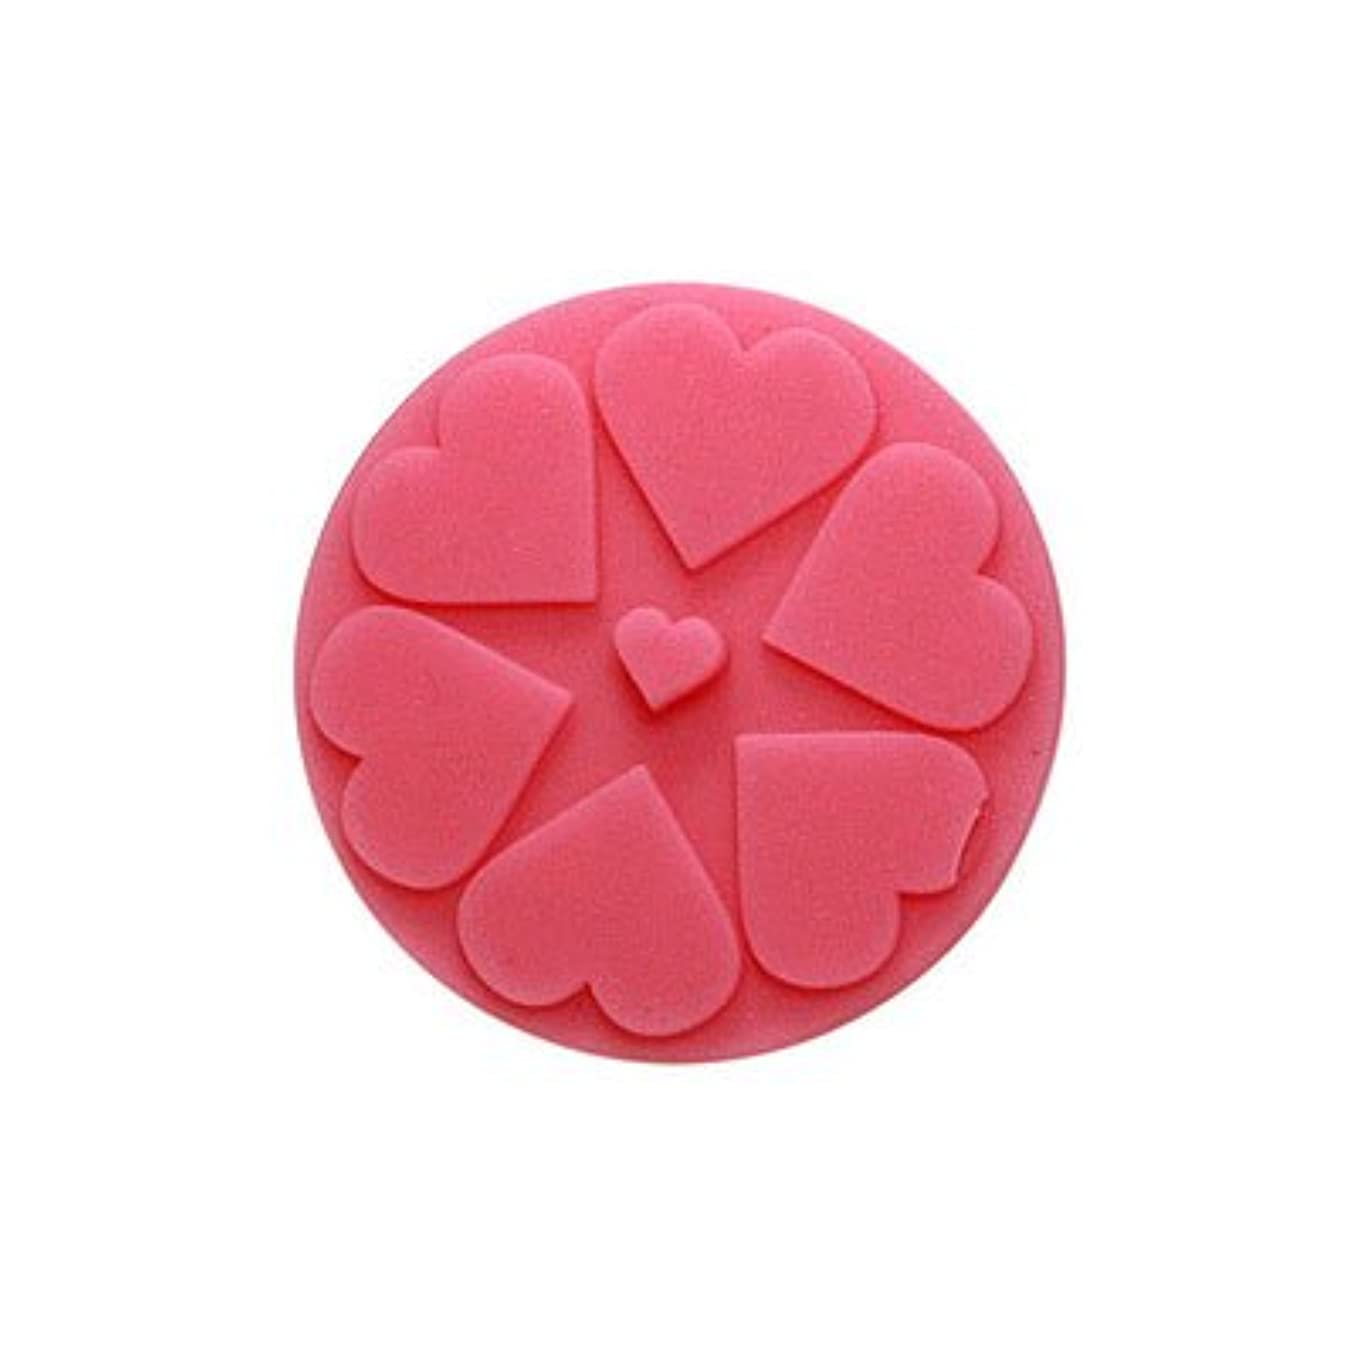 究極のヘッジサイズフォーダイヤモンズ シリコン ステアライザー パッド ピンク